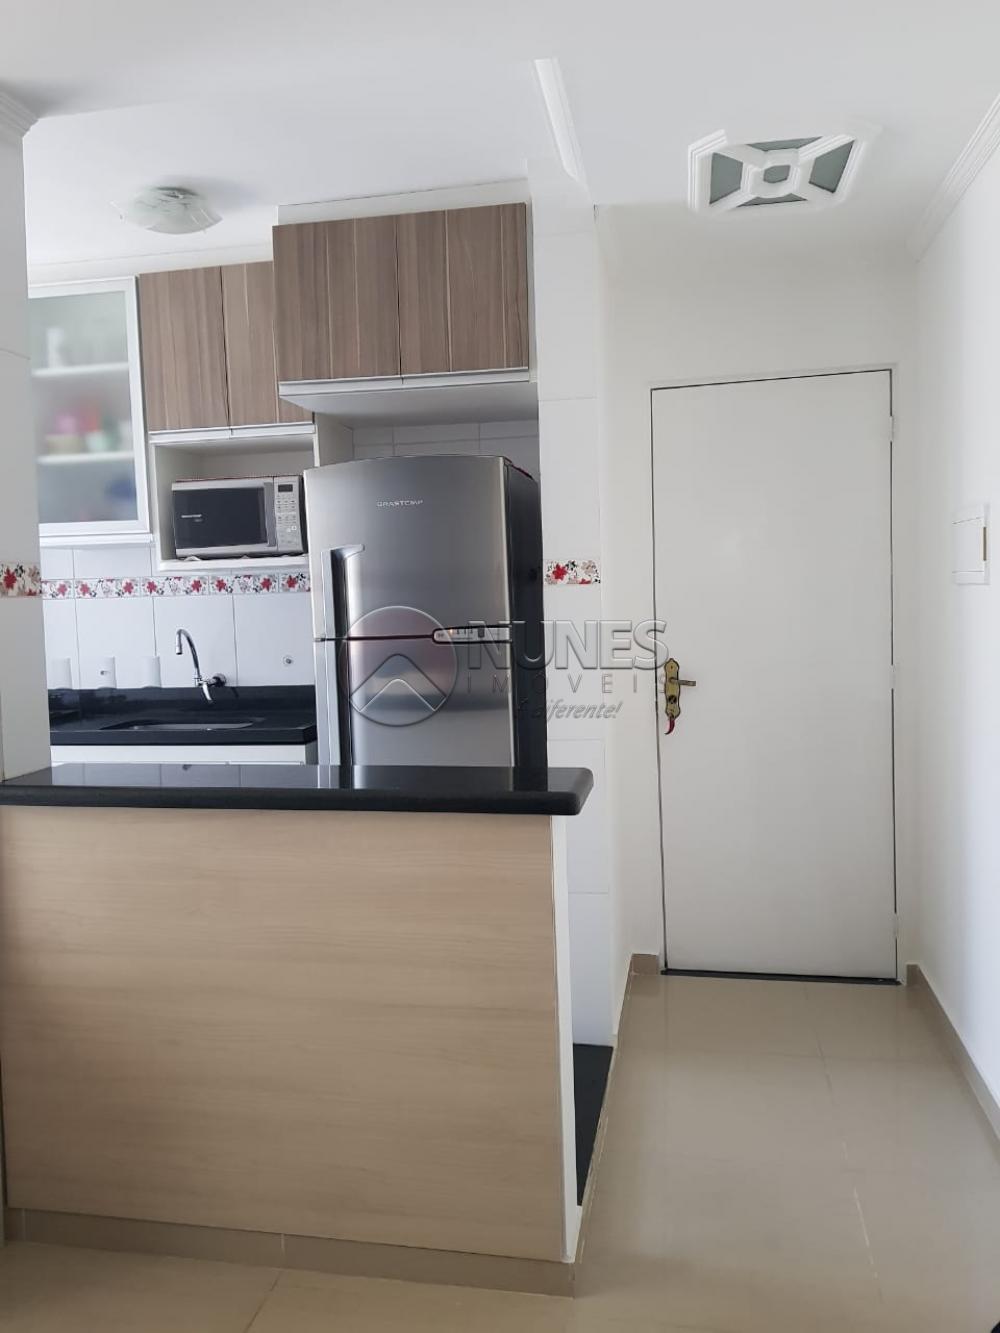 Comprar Apartamento / Padrão em Osasco apenas R$ 185.000,00 - Foto 6